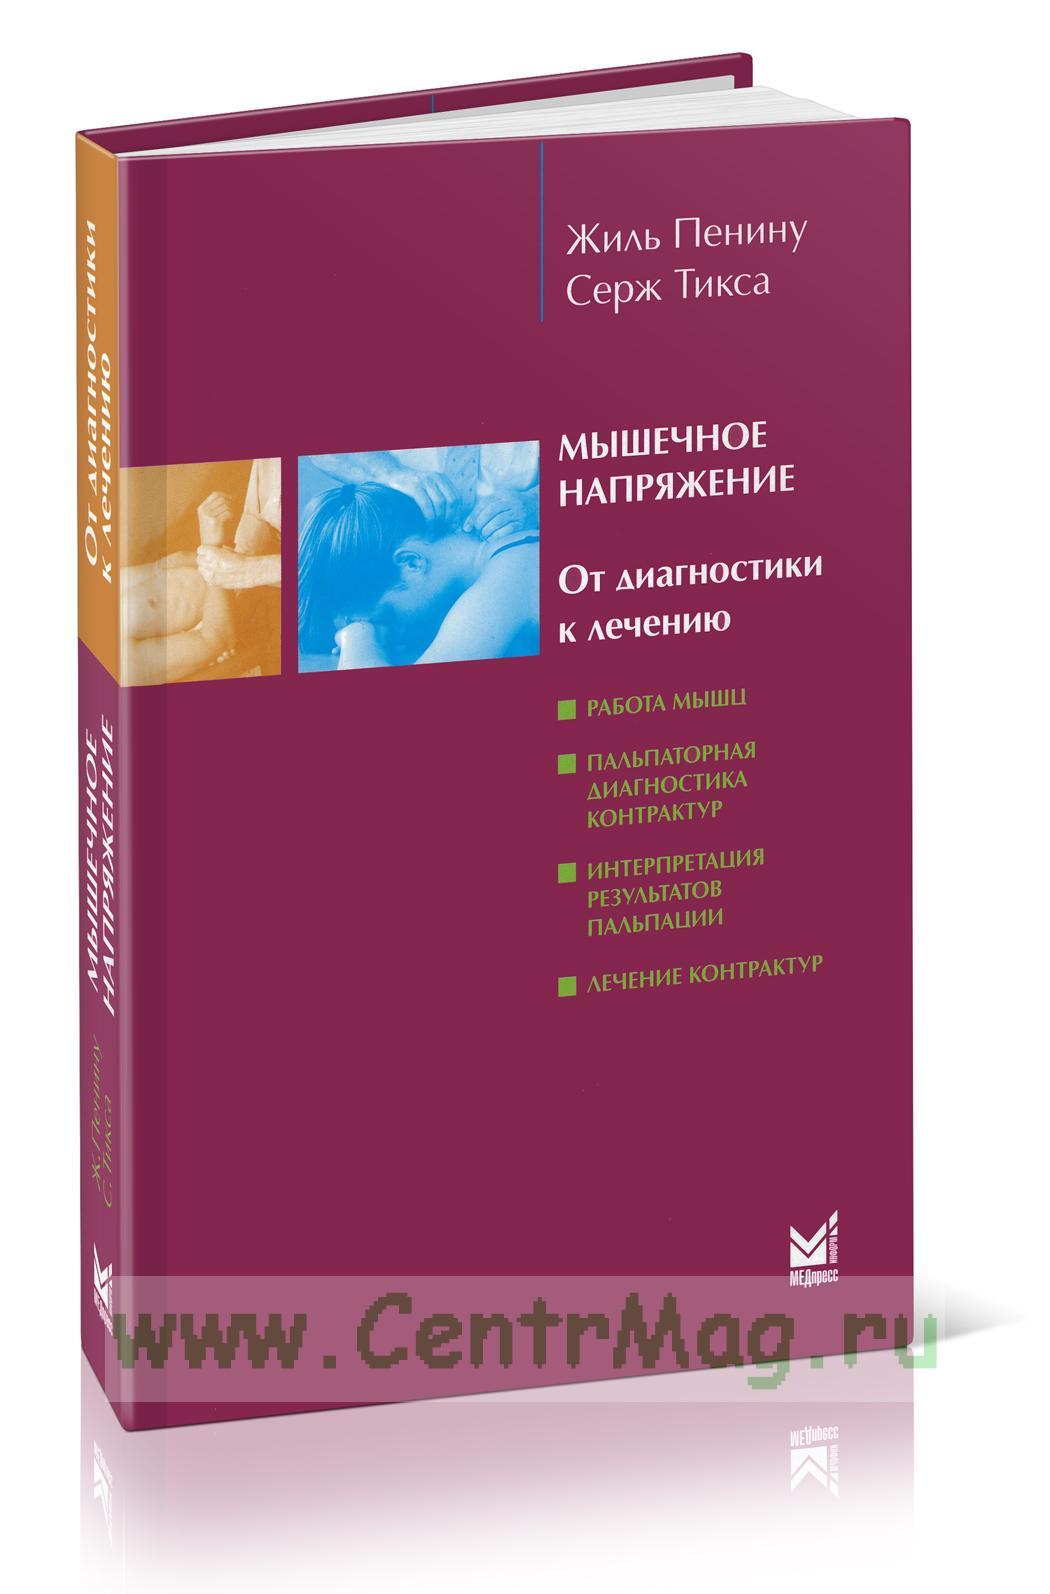 Мышечное напряжение. От диагностики к лечению (2-е издание)